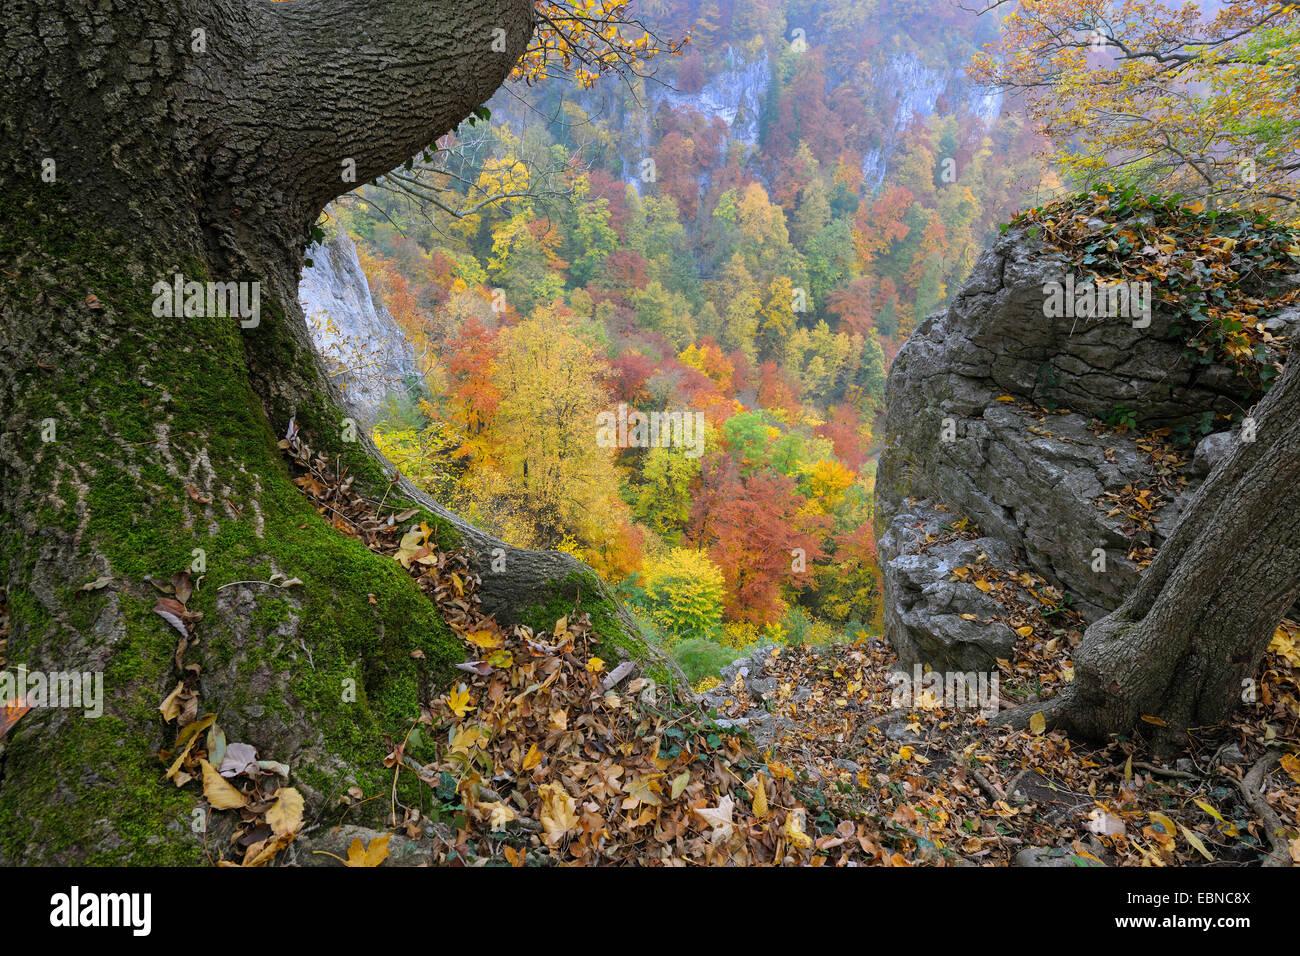 biosphere reserve Schwaebische Alb in autumn, Germany, Baden-Wuerttemberg - Stock Image